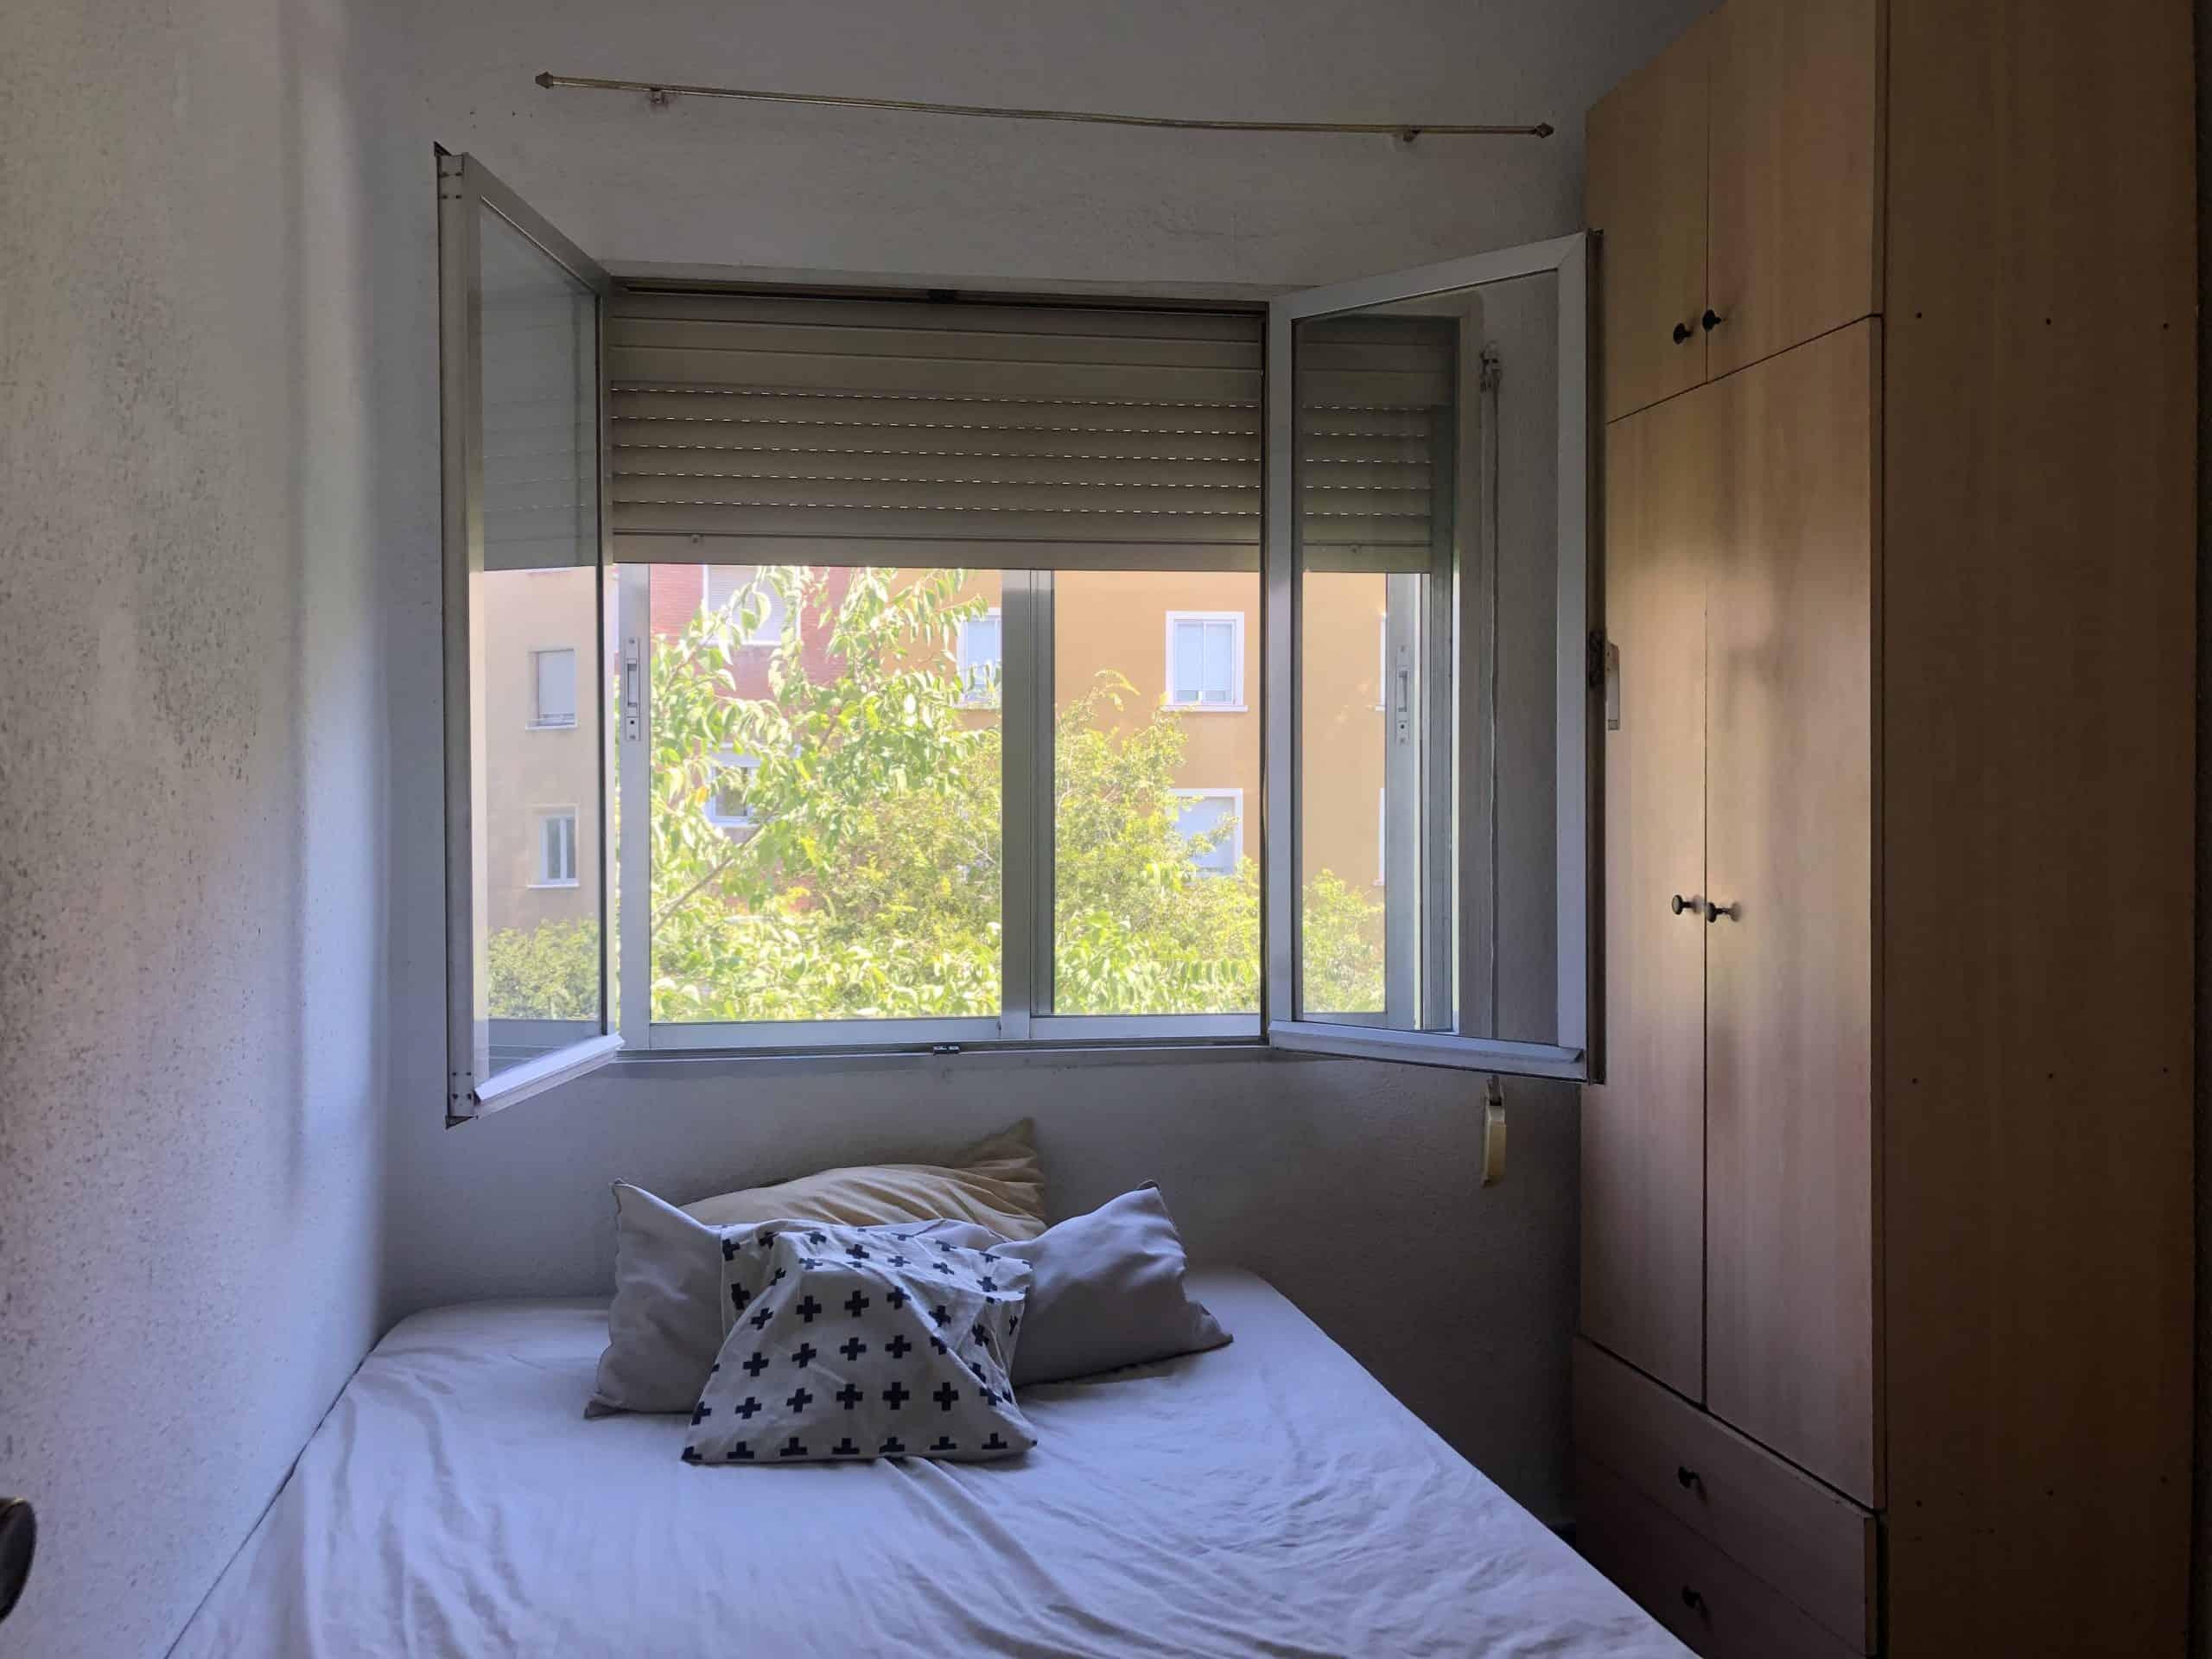 Agencia Inmobiliaria de Madrid-FUTUROCASA-Zona ARGANZUELA-EMBAJADORES-LEGAZPI -calle Embajadores- Dormitorio2